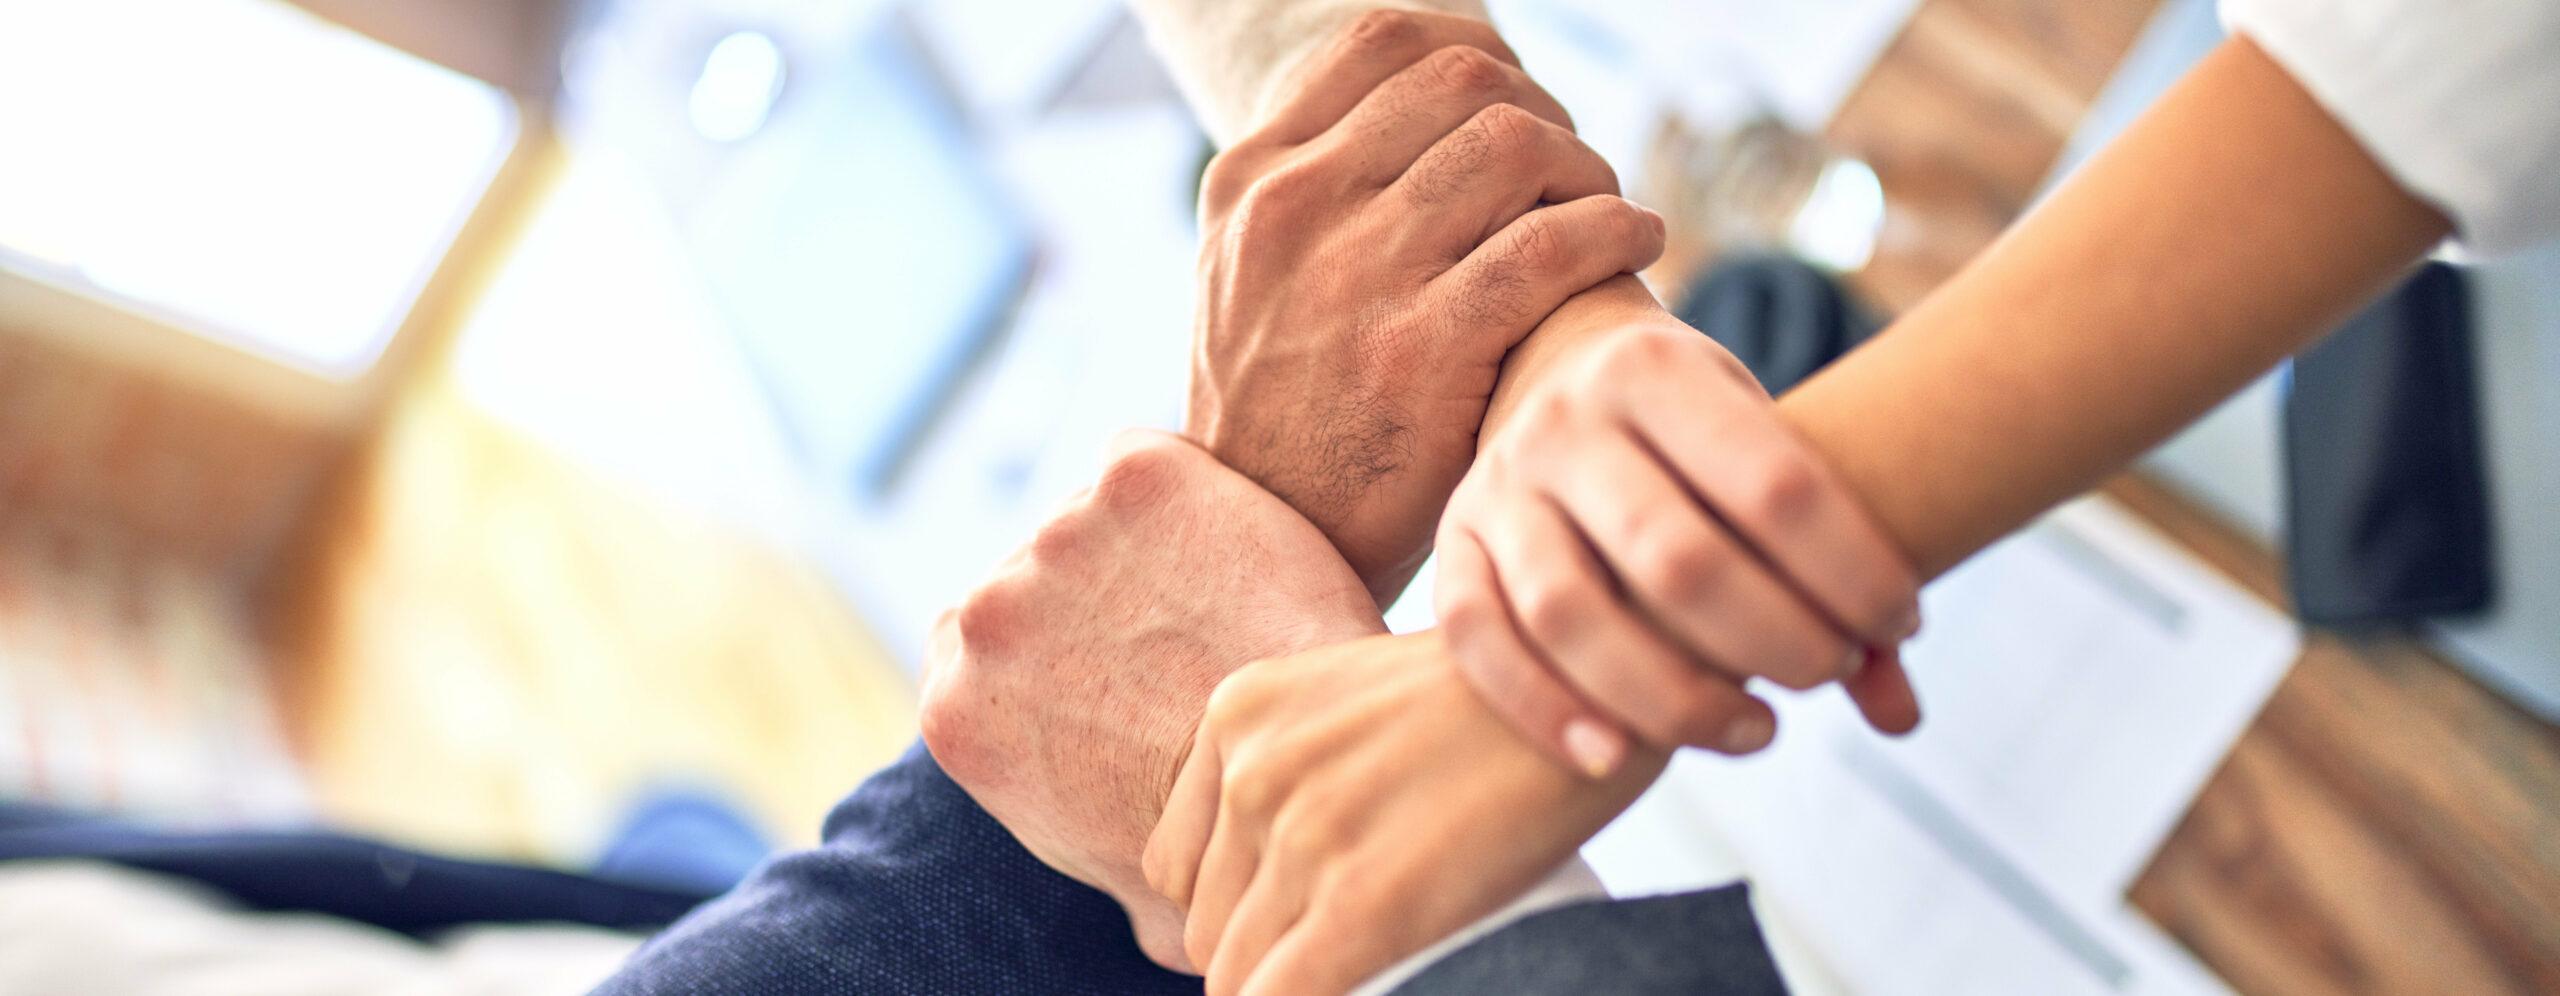 Vier Hände halten sich an den Handgelenken